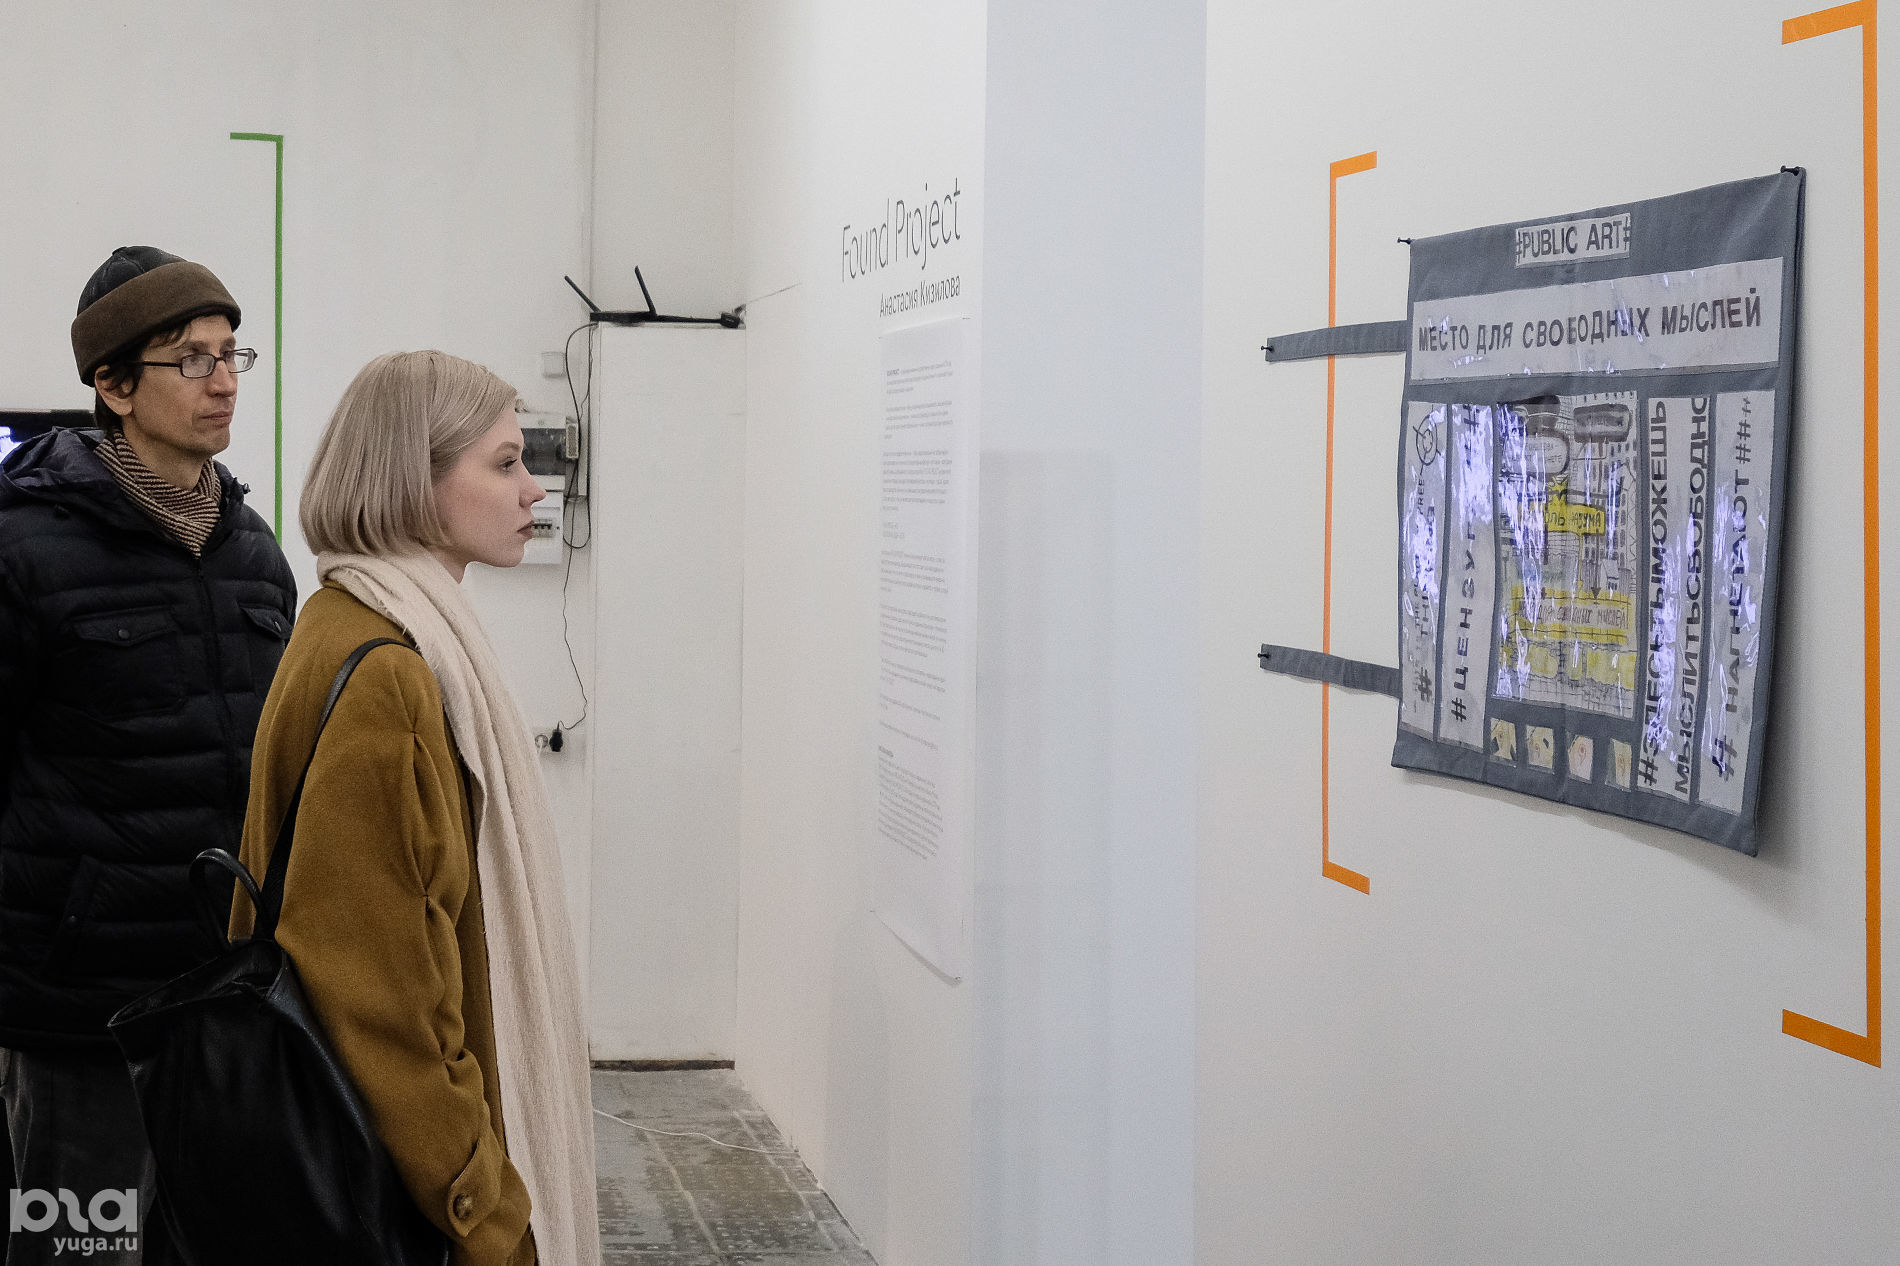 Открытие выставки FOUND PROJECT в Краснодаре